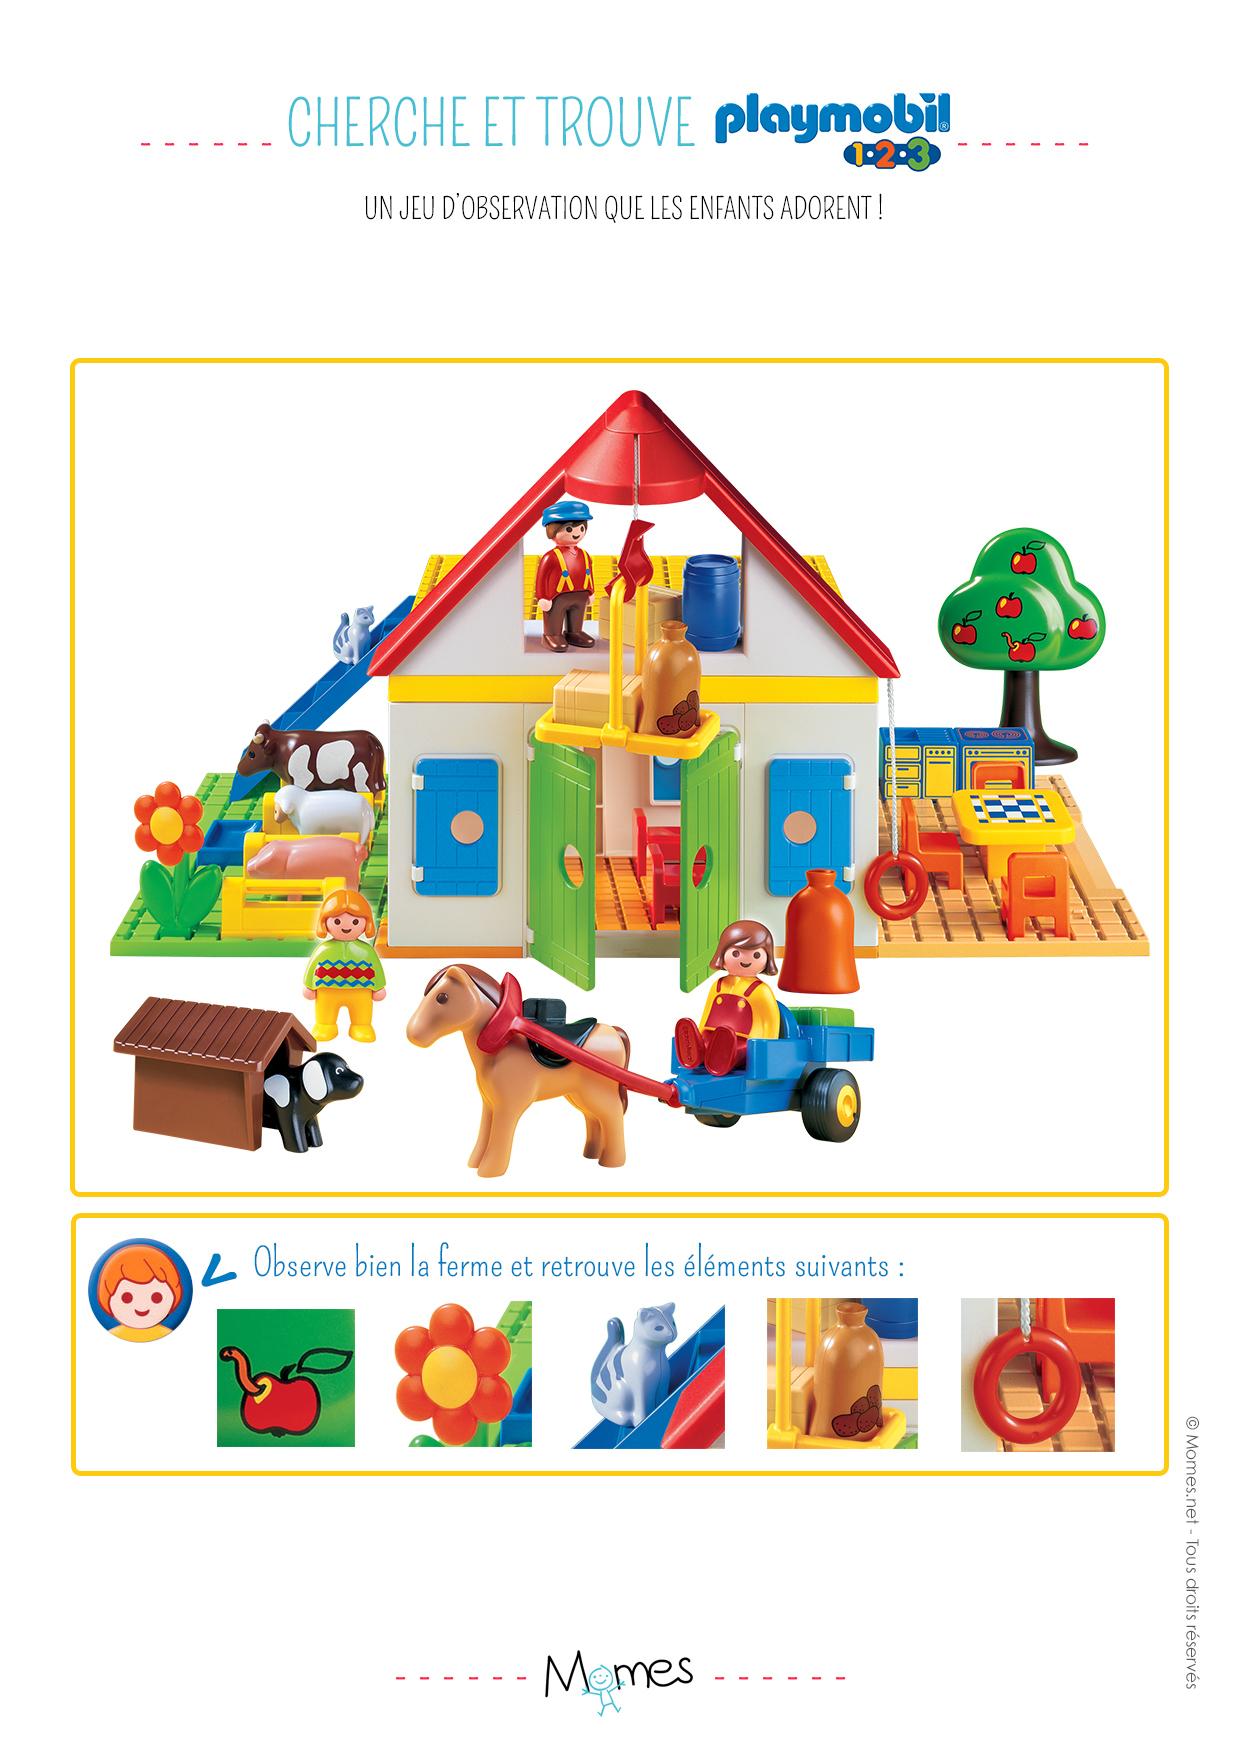 Cherche Et Trouve : La Ferme Playmobil 123 - Momes concernant Jeux De Concentration À Imprimer